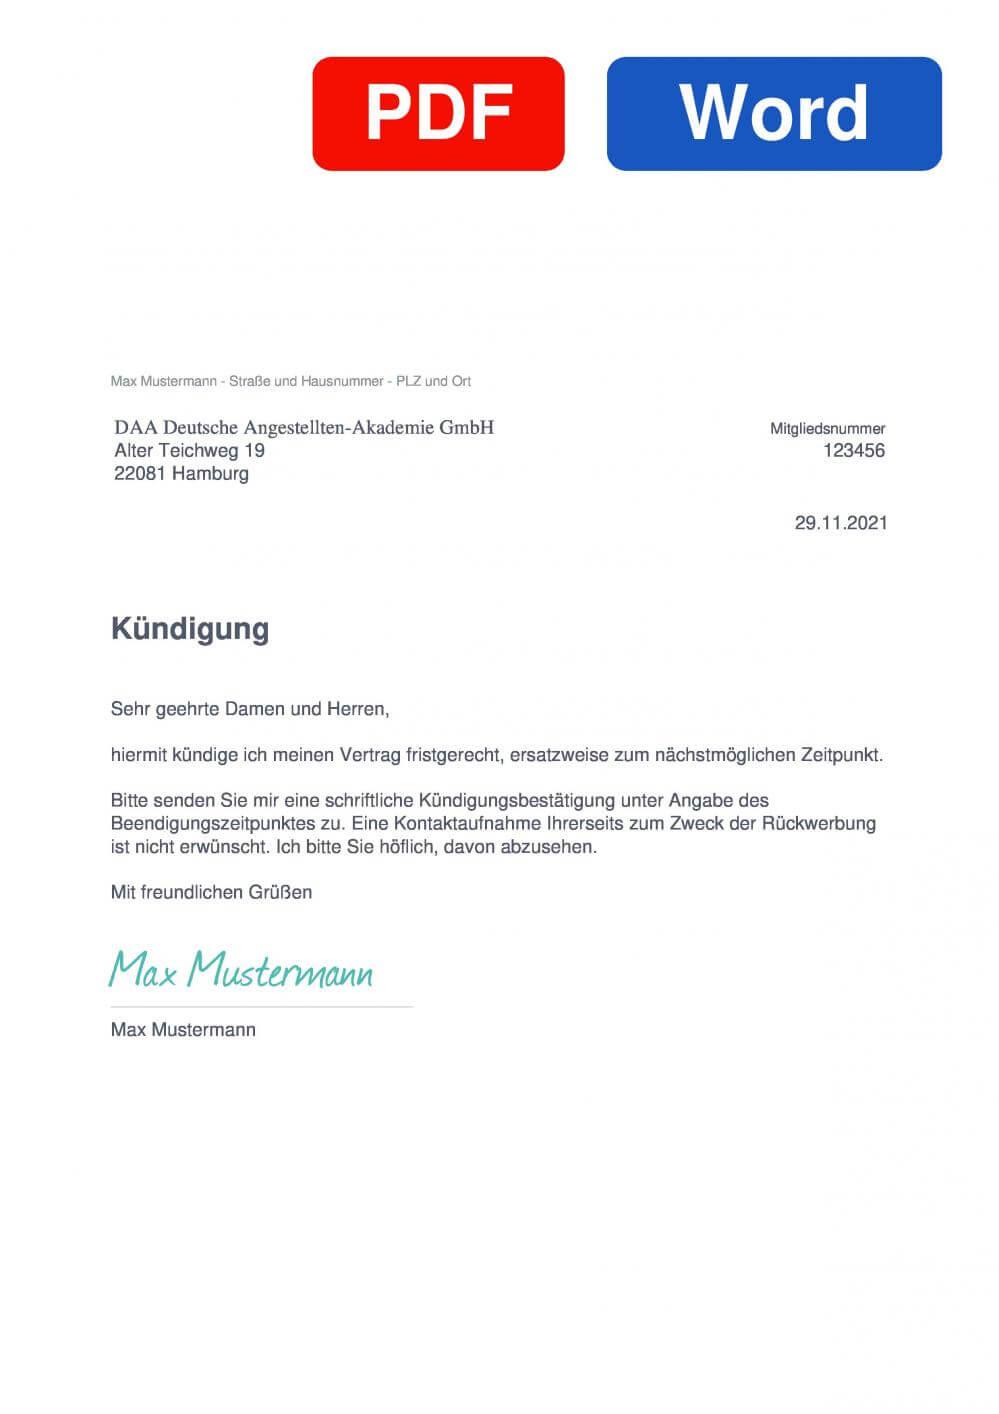 DAA Muster Vorlage für Kündigungsschreiben